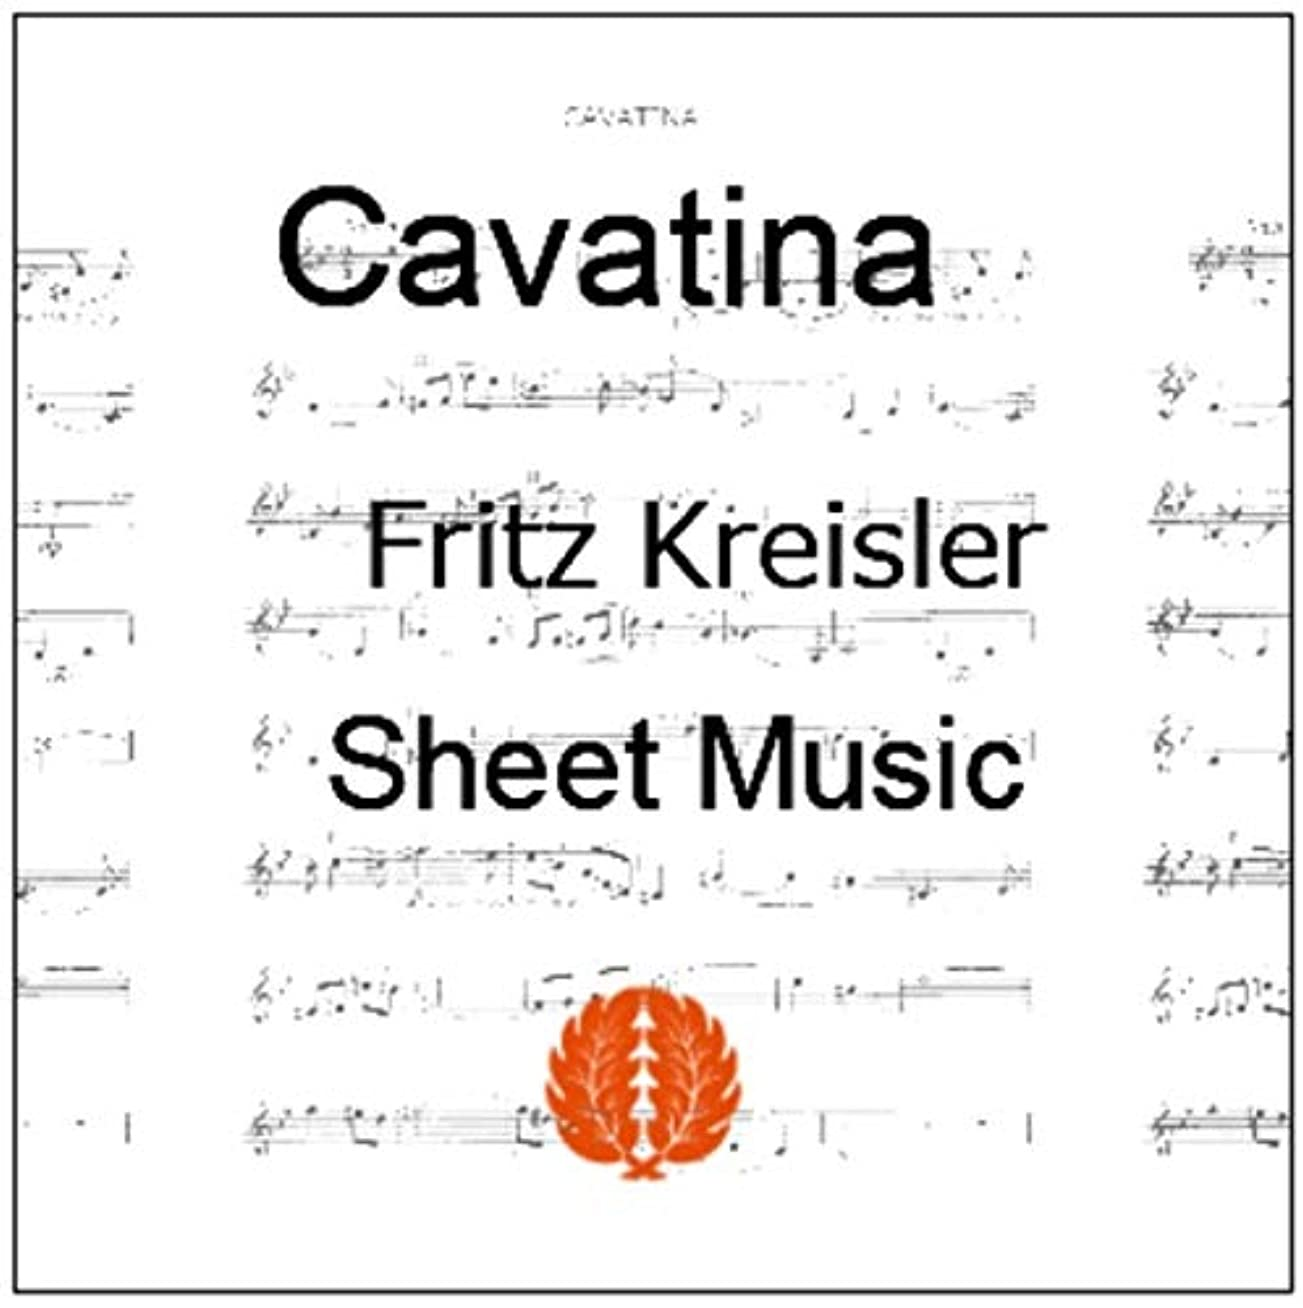 楽譜 pdf クライスラー カヴァティーナ ヴァイオリン譜 ピアノ伴奏譜